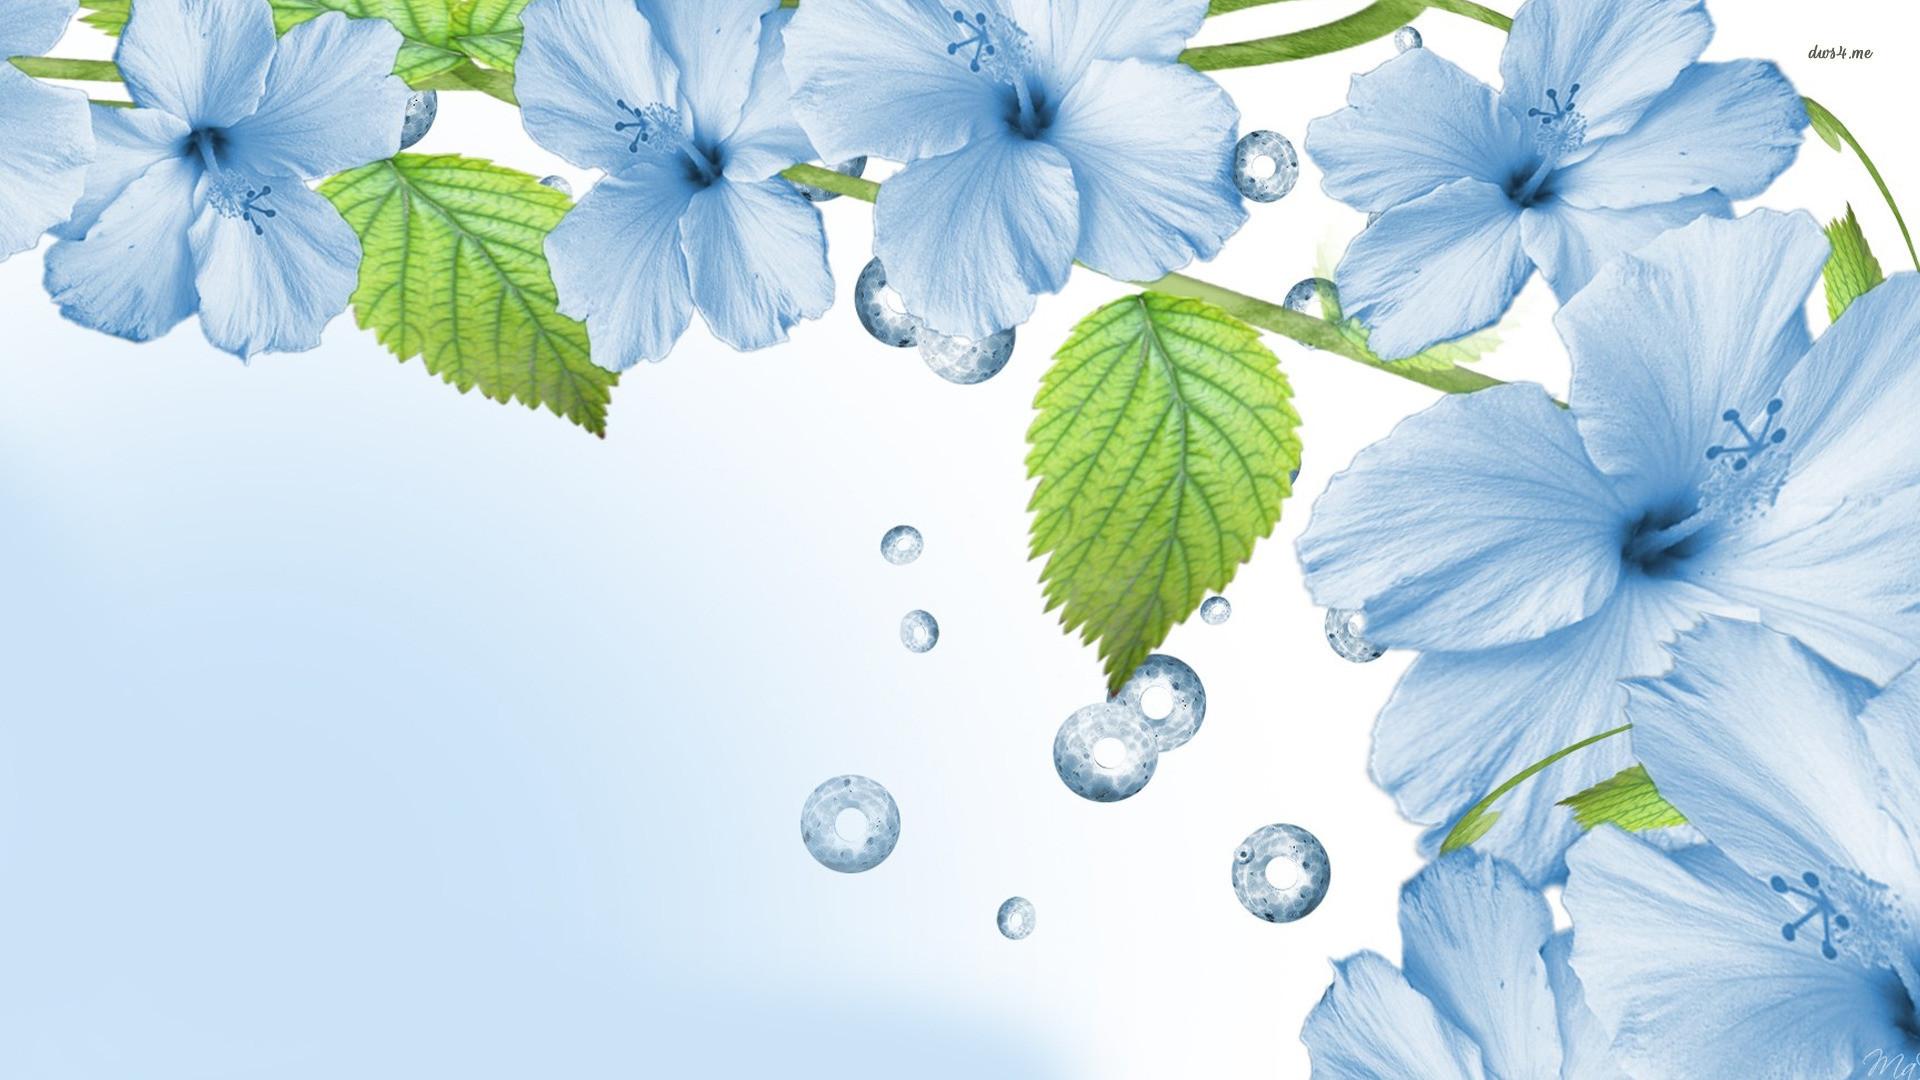 Blue Flowers Wallpaper HD